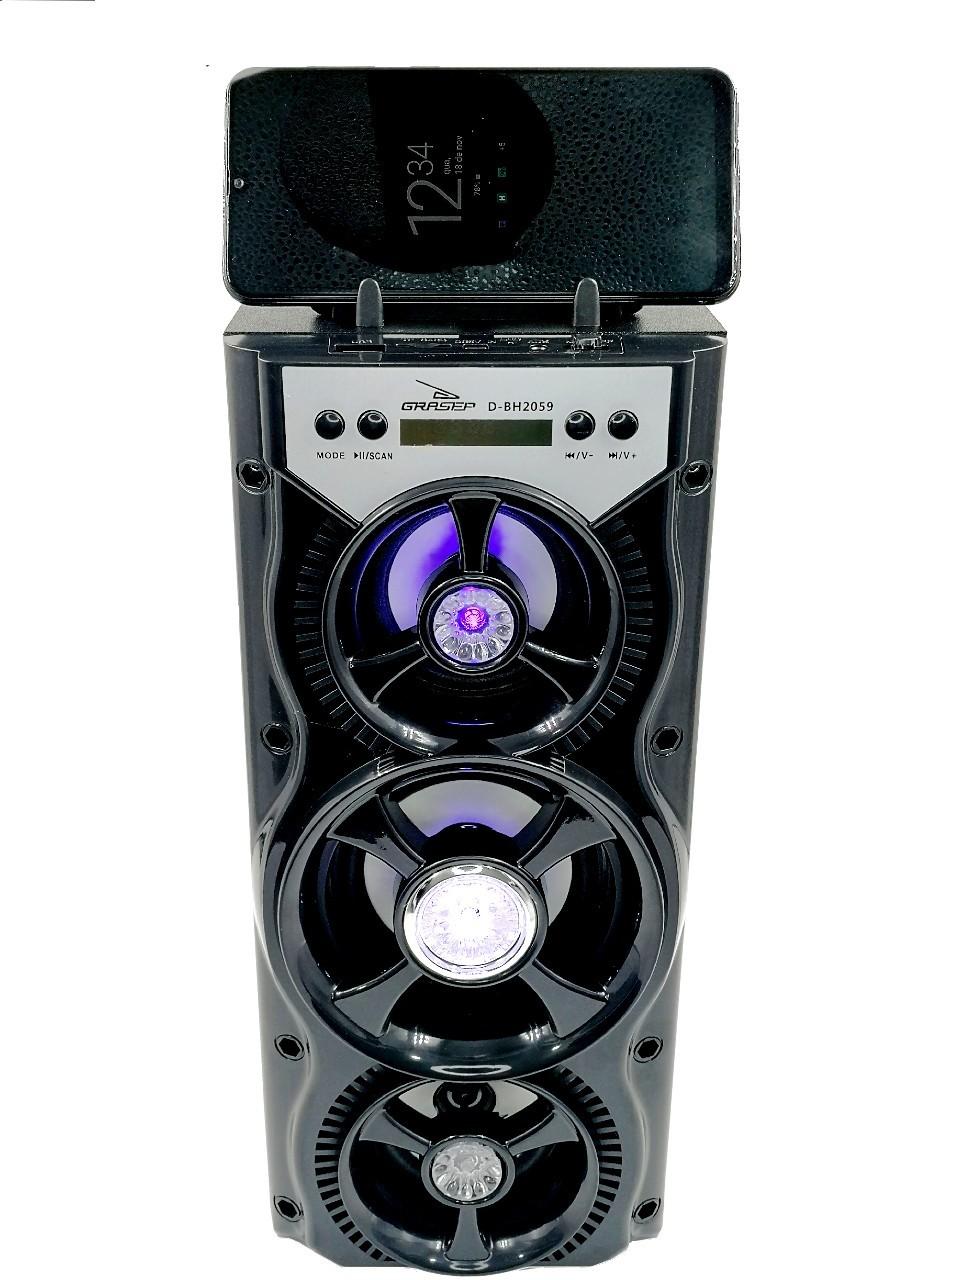 Caixa de Som 10W RMS Bluetooth KP-BH2059 - GRASEP